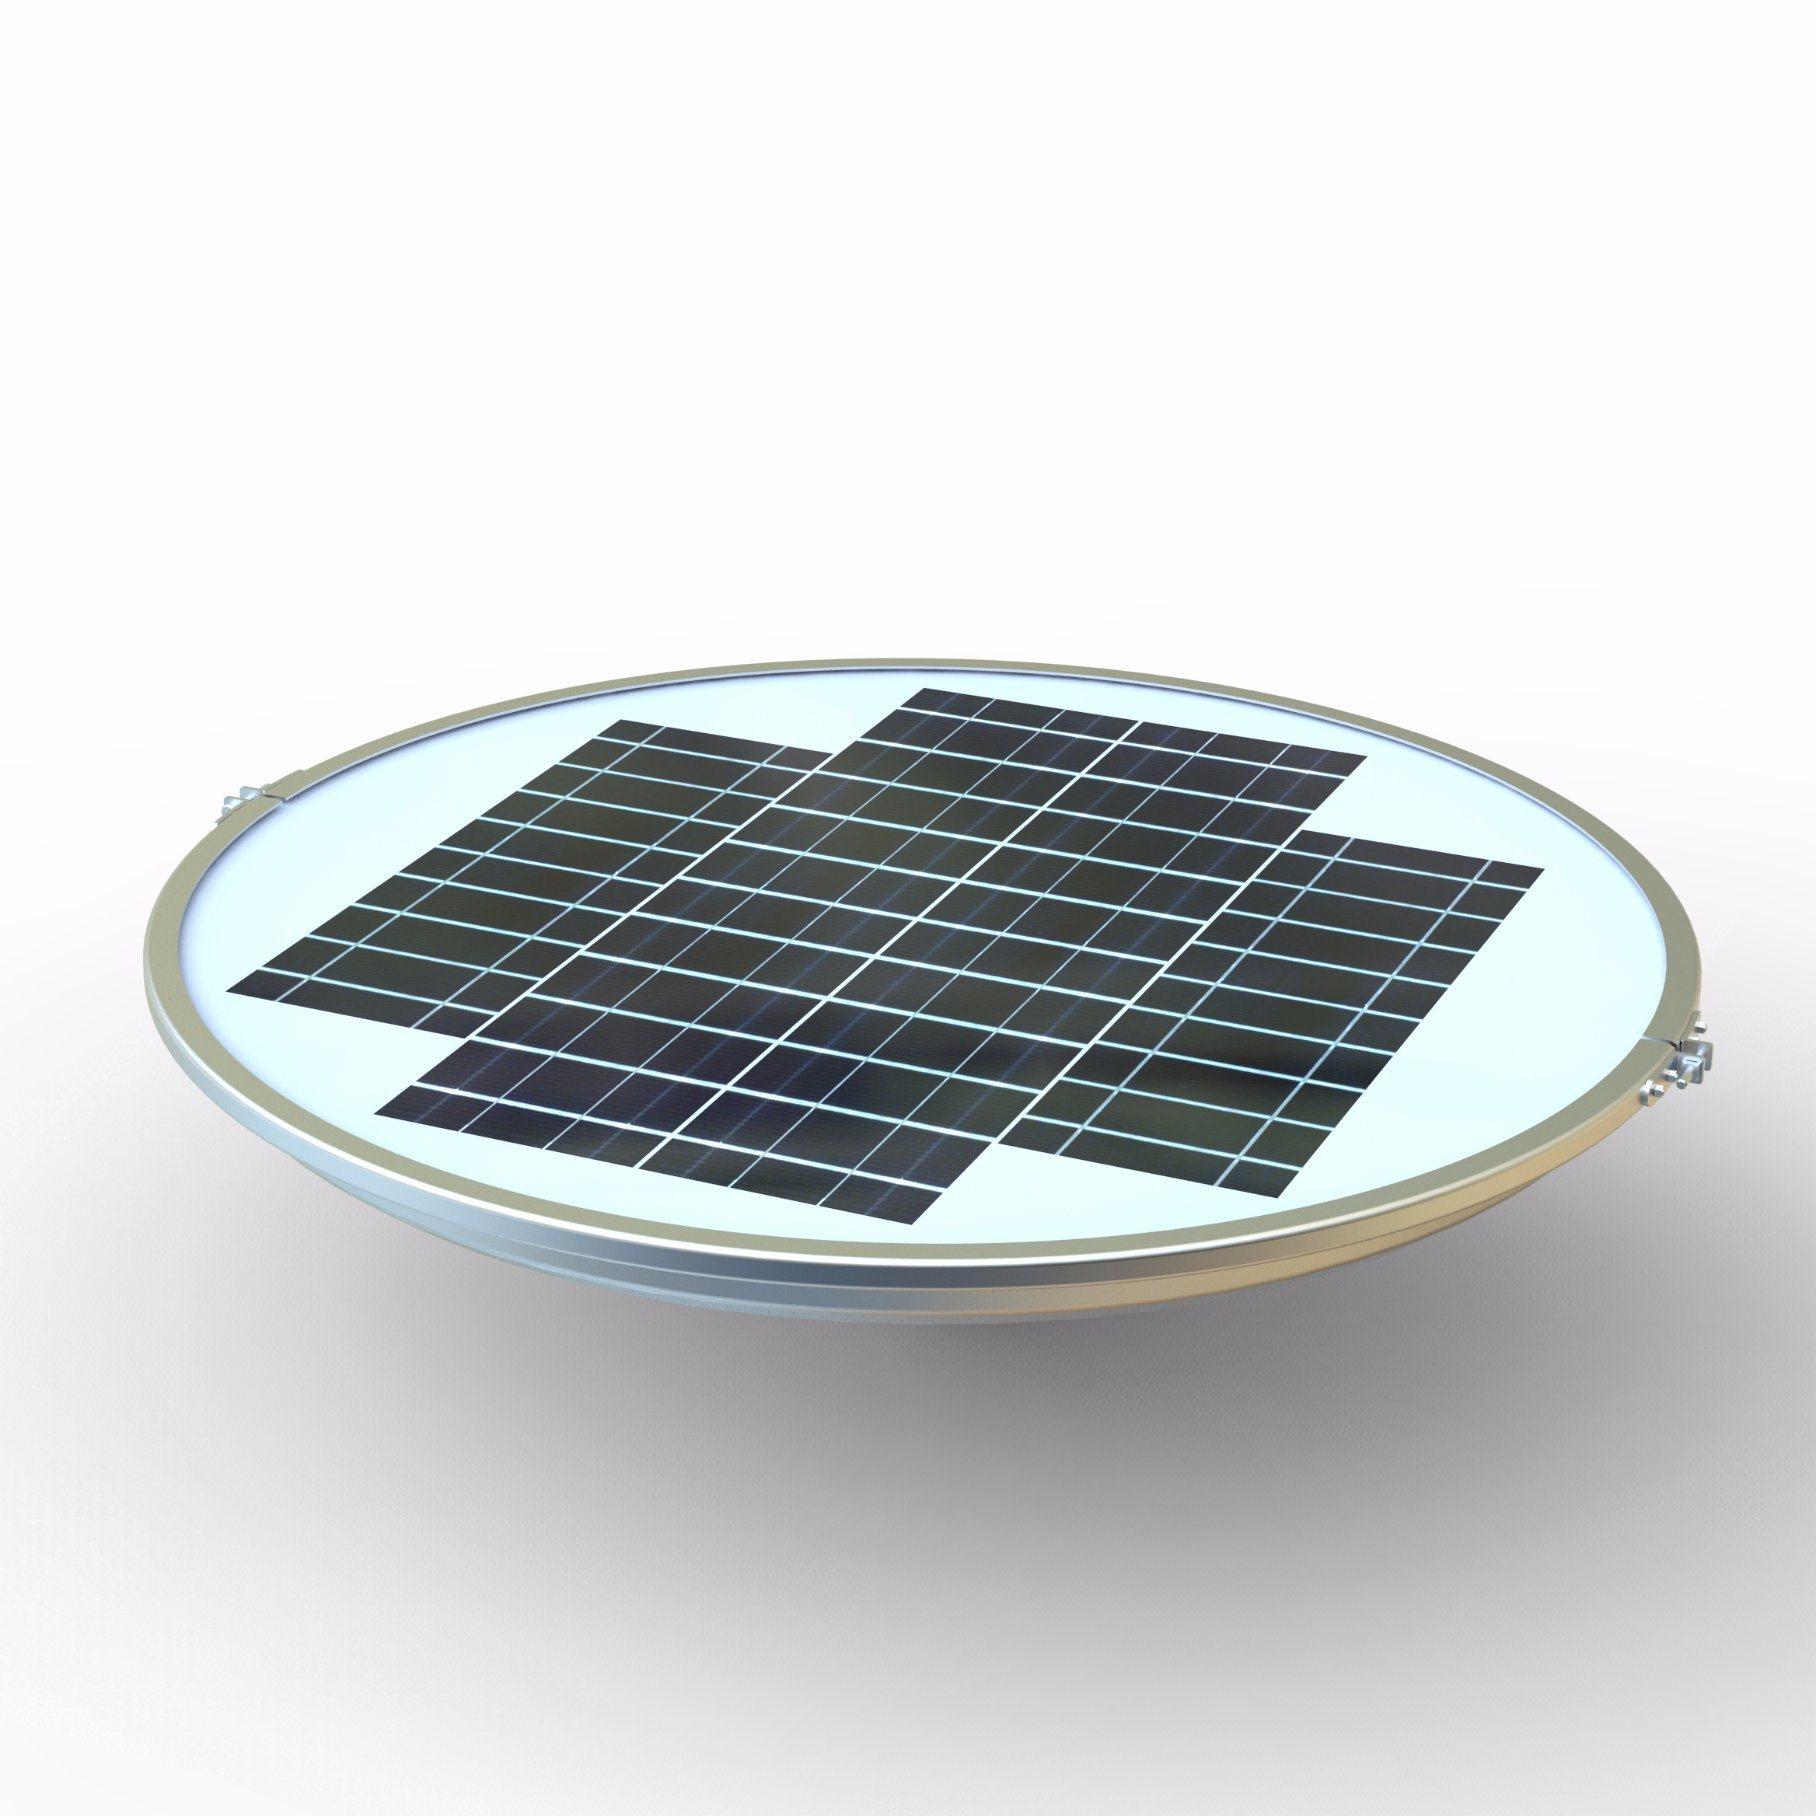 Cheap Garden Solar Lighting Kits System for Home Courtyard Light